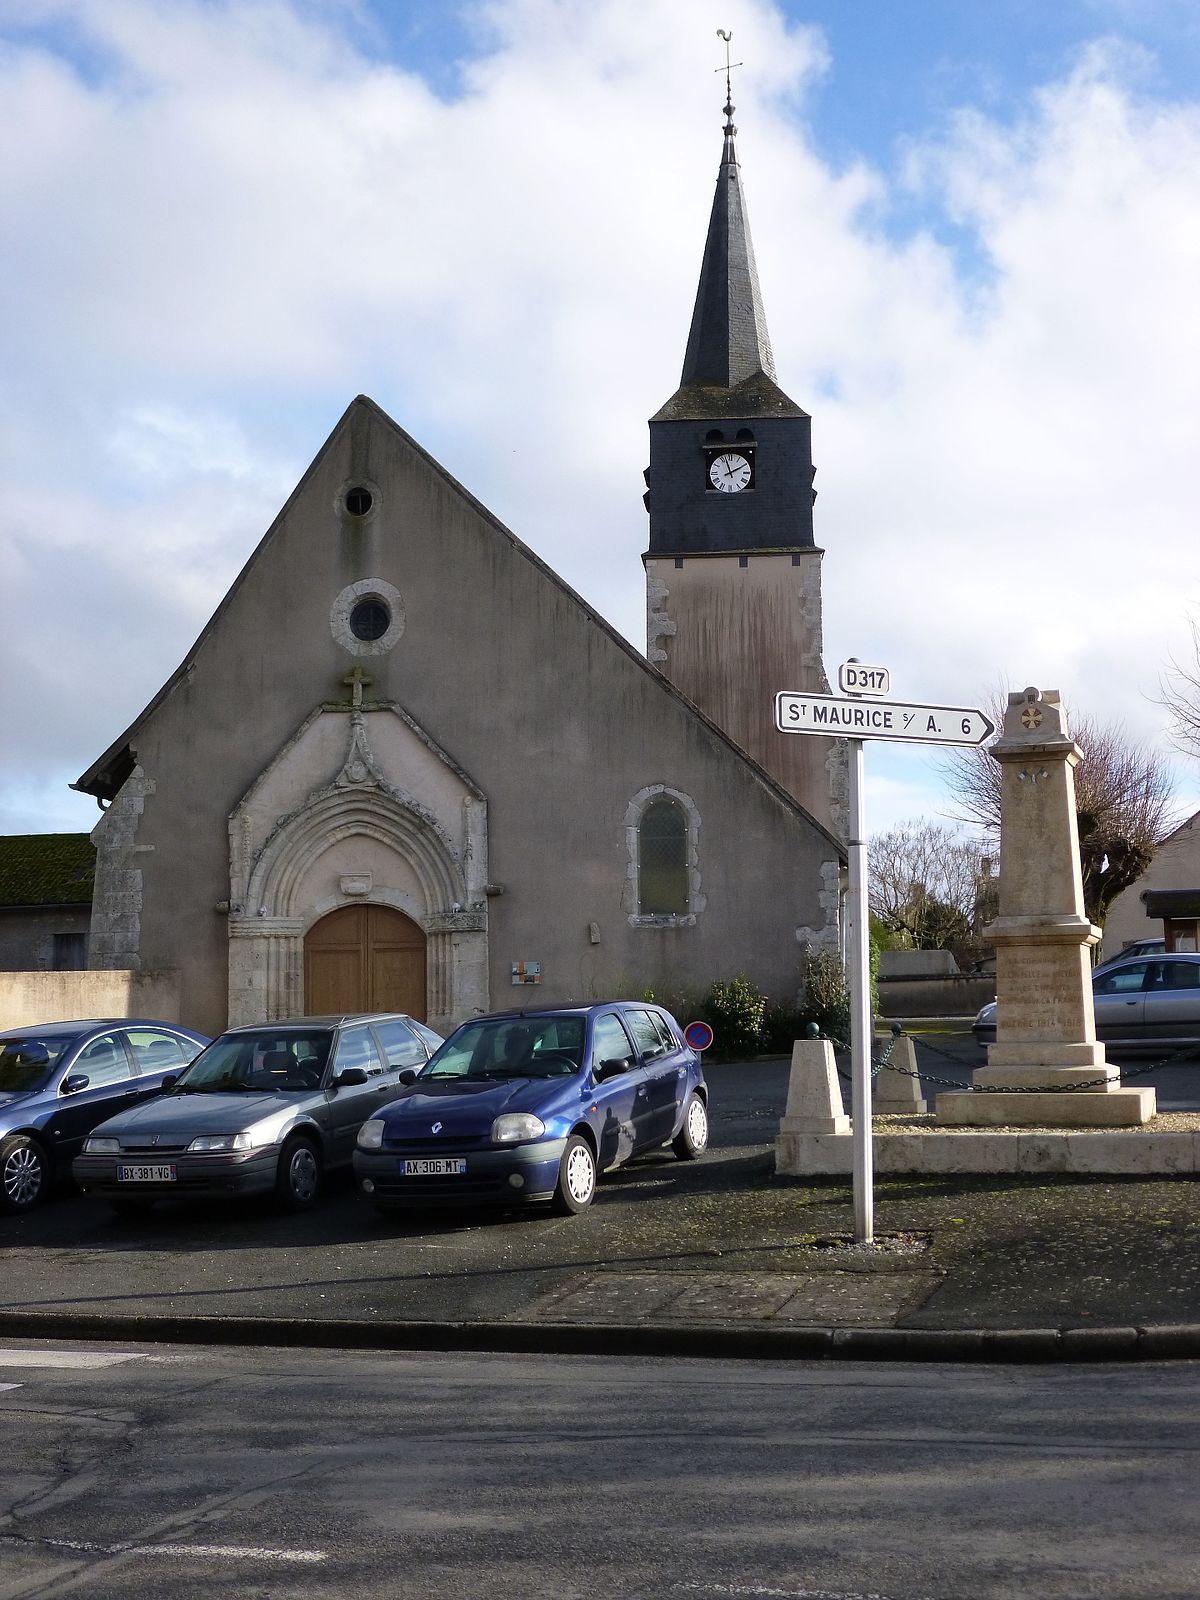 La chapelle sur aveyron wikipedia for Garage ad la chapelle bouexic